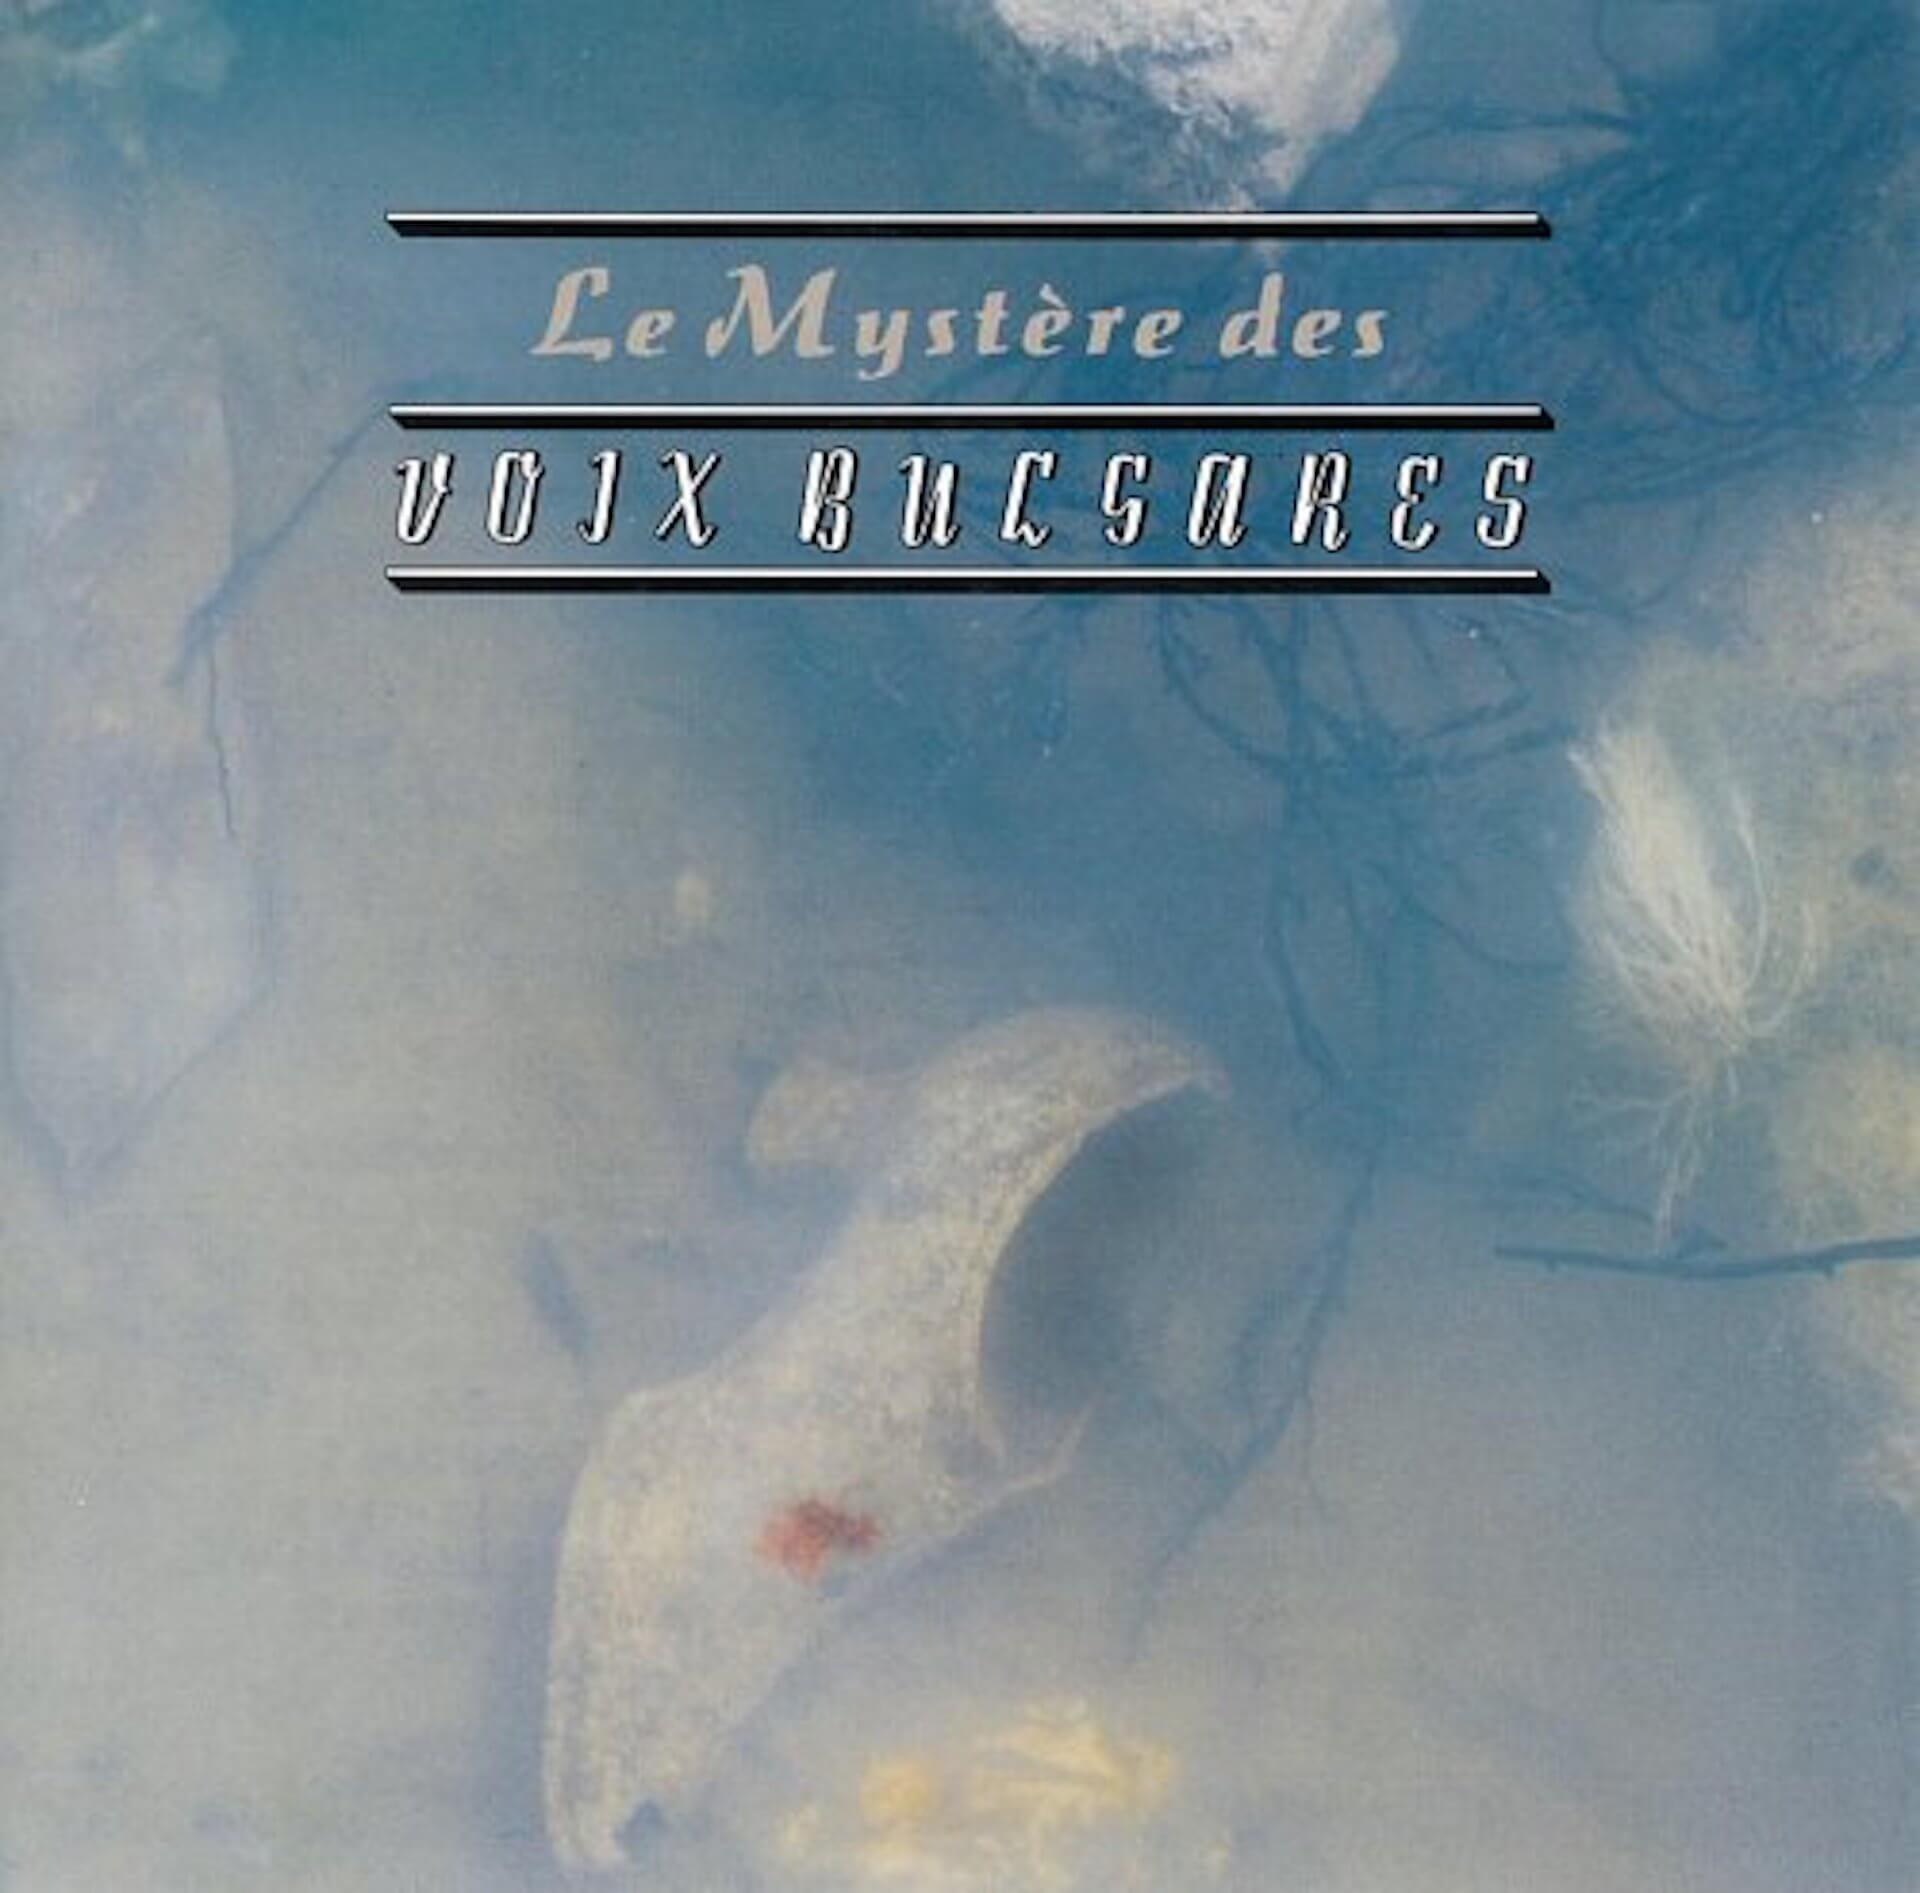 ブルガリアン・ヴォイスが織り成すハーモニーの歴史|生の声の中に錯覚的にデジタルな質感が聴こえる響きの奇妙さ music190829_Bulgarian-Voices_1